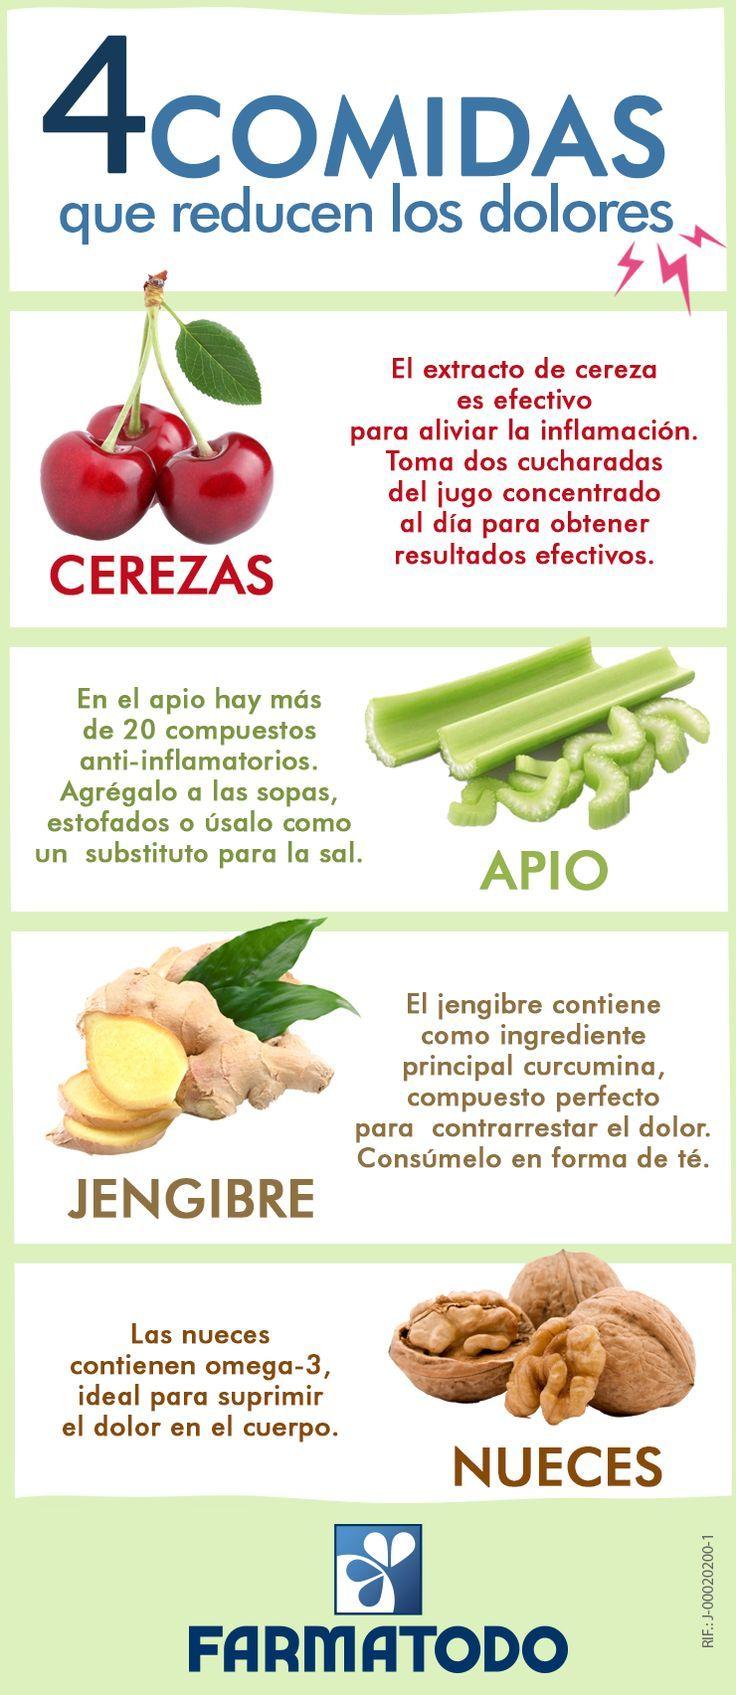 4 comidas que nos ayudan a reducir el dolor. #nutricion #salud #infografia